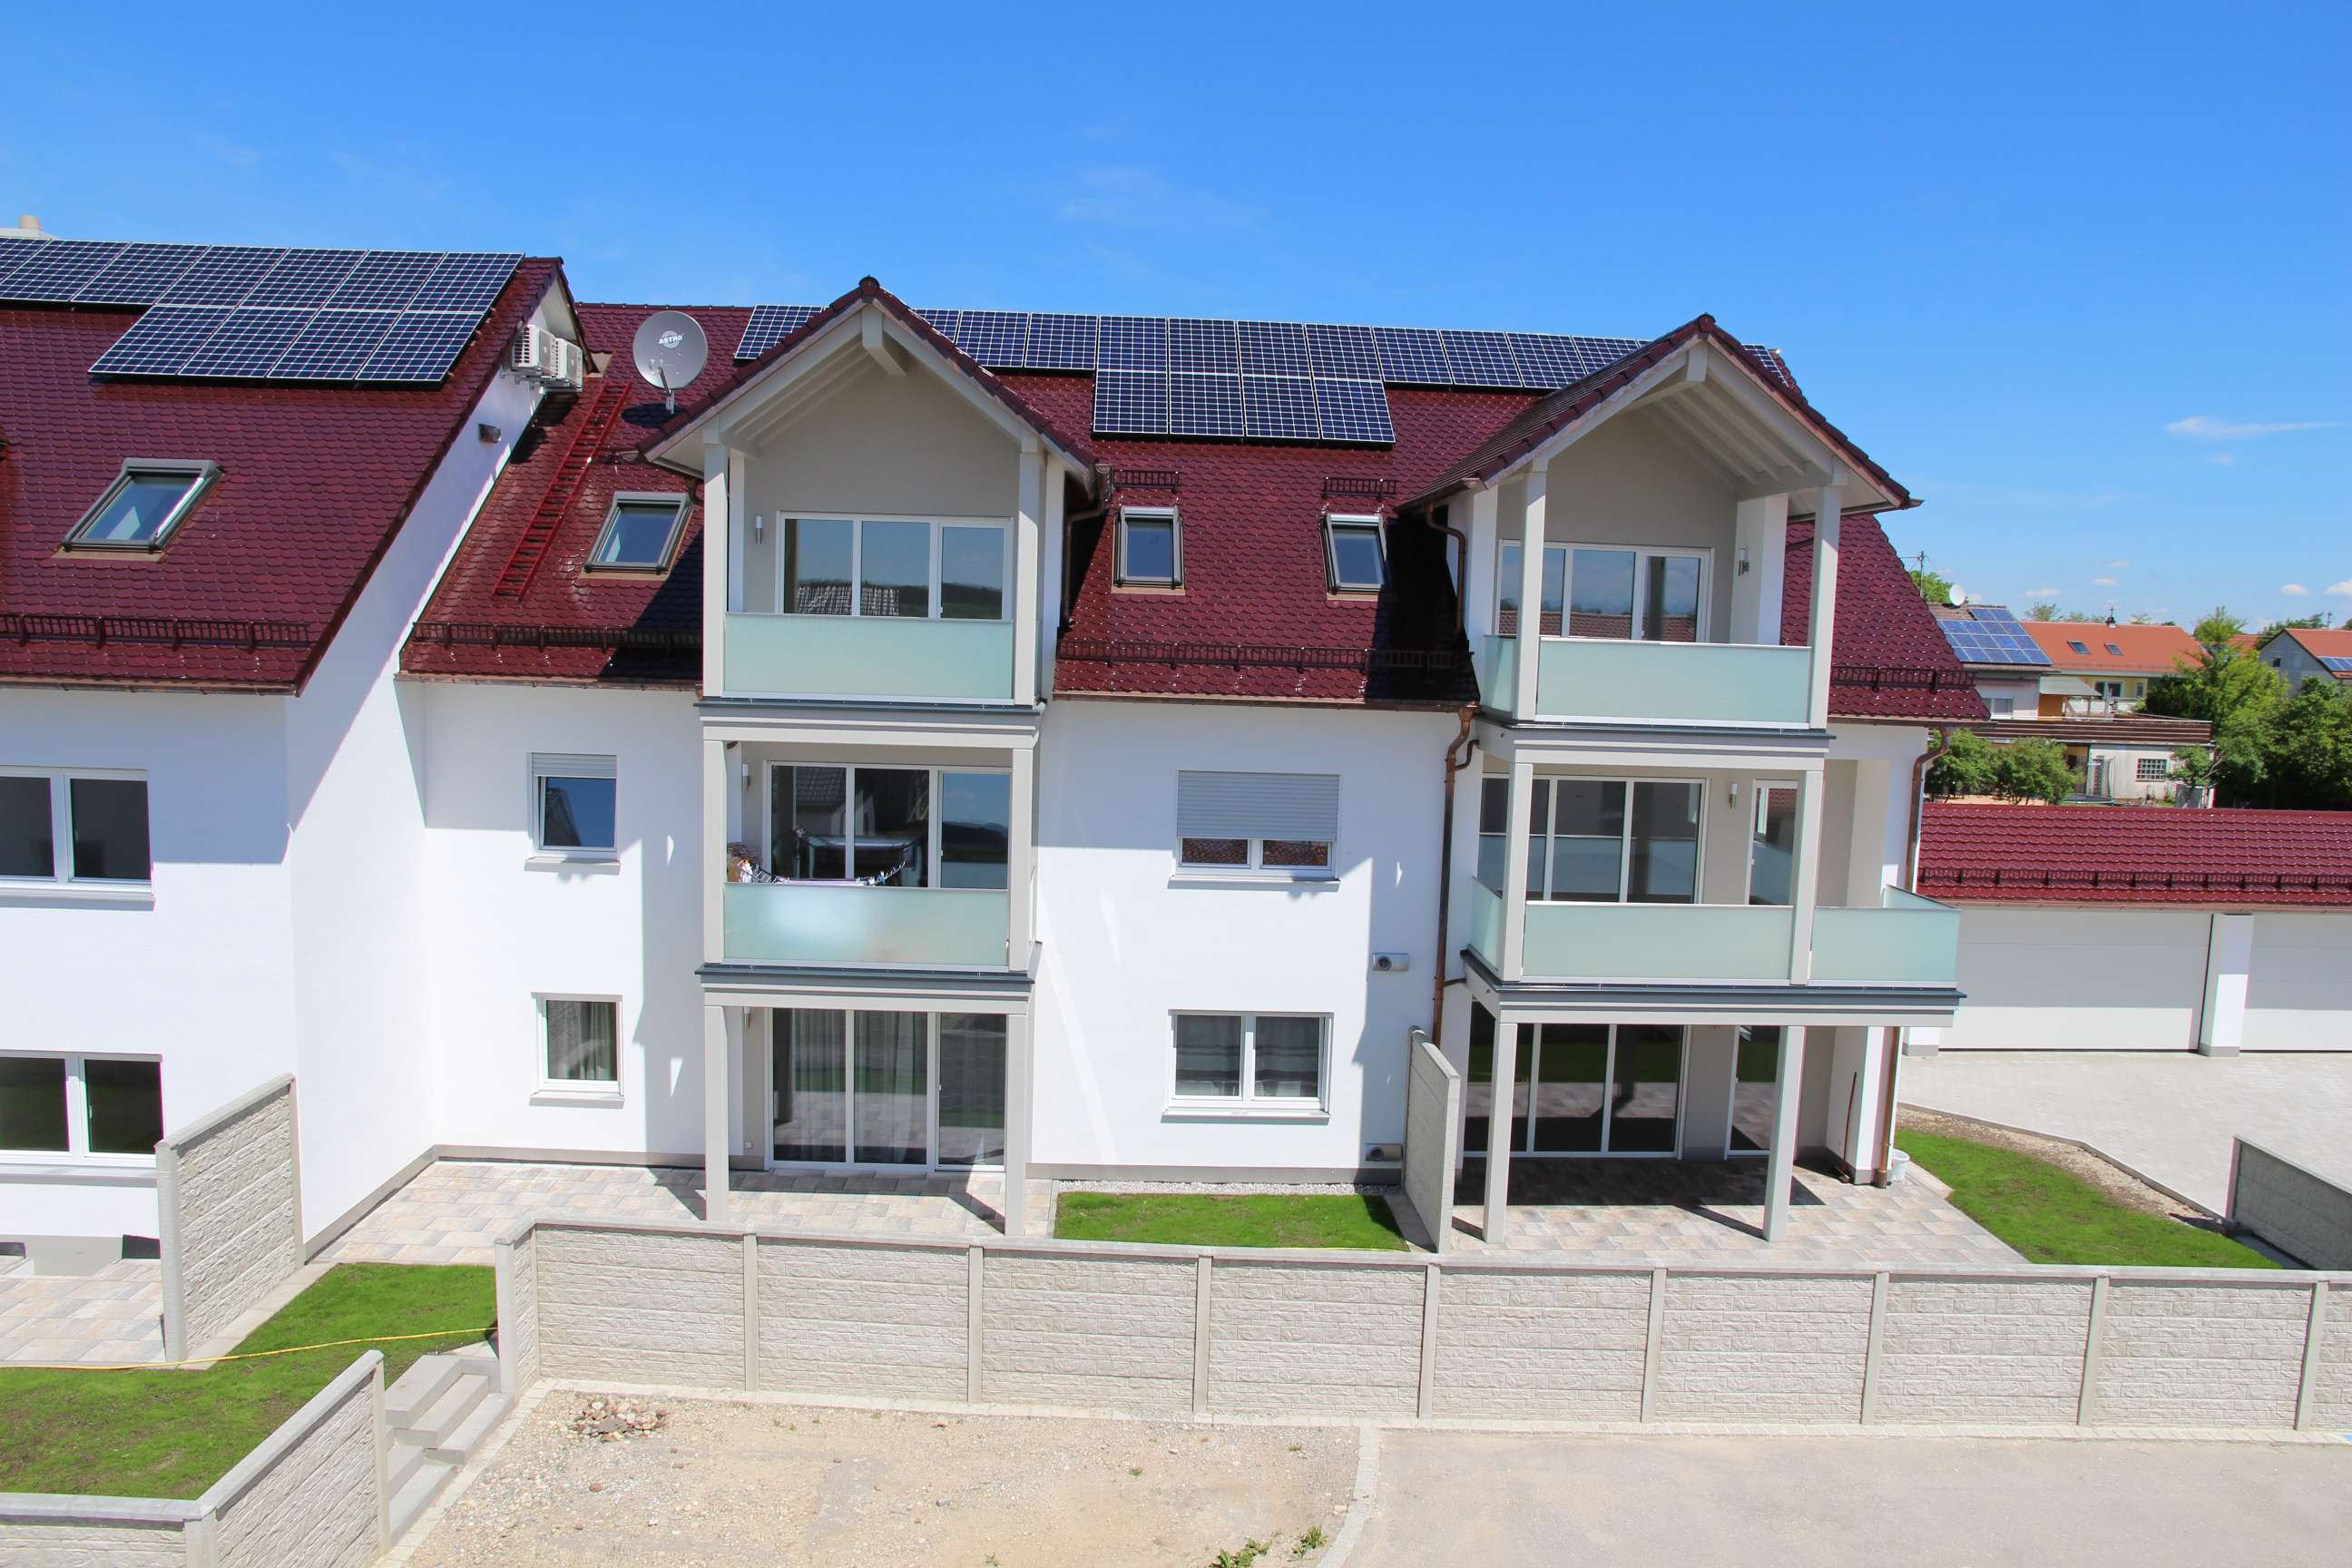 Erstbezug: Gehobene großzügige 3-Zimmer-Wohnung mit Balkon, DG, Süd-Ost, mit Klimaanlage in